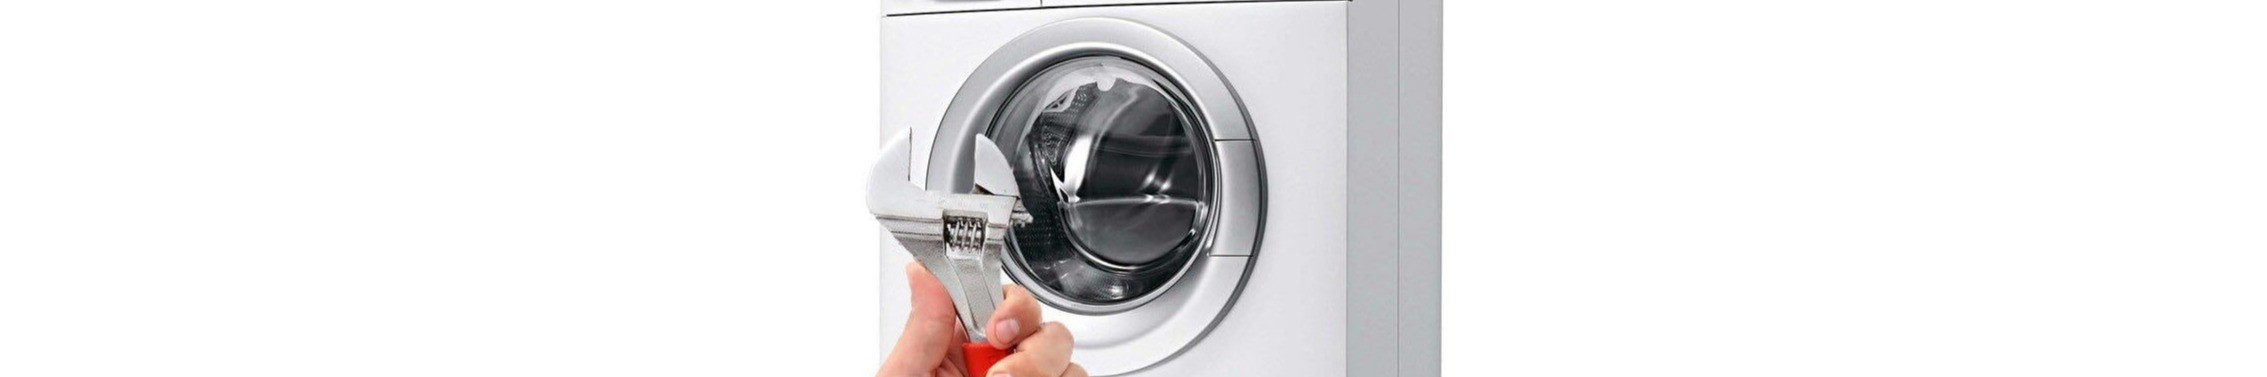 Ремонт стиральных машин, холодильников в Малаге